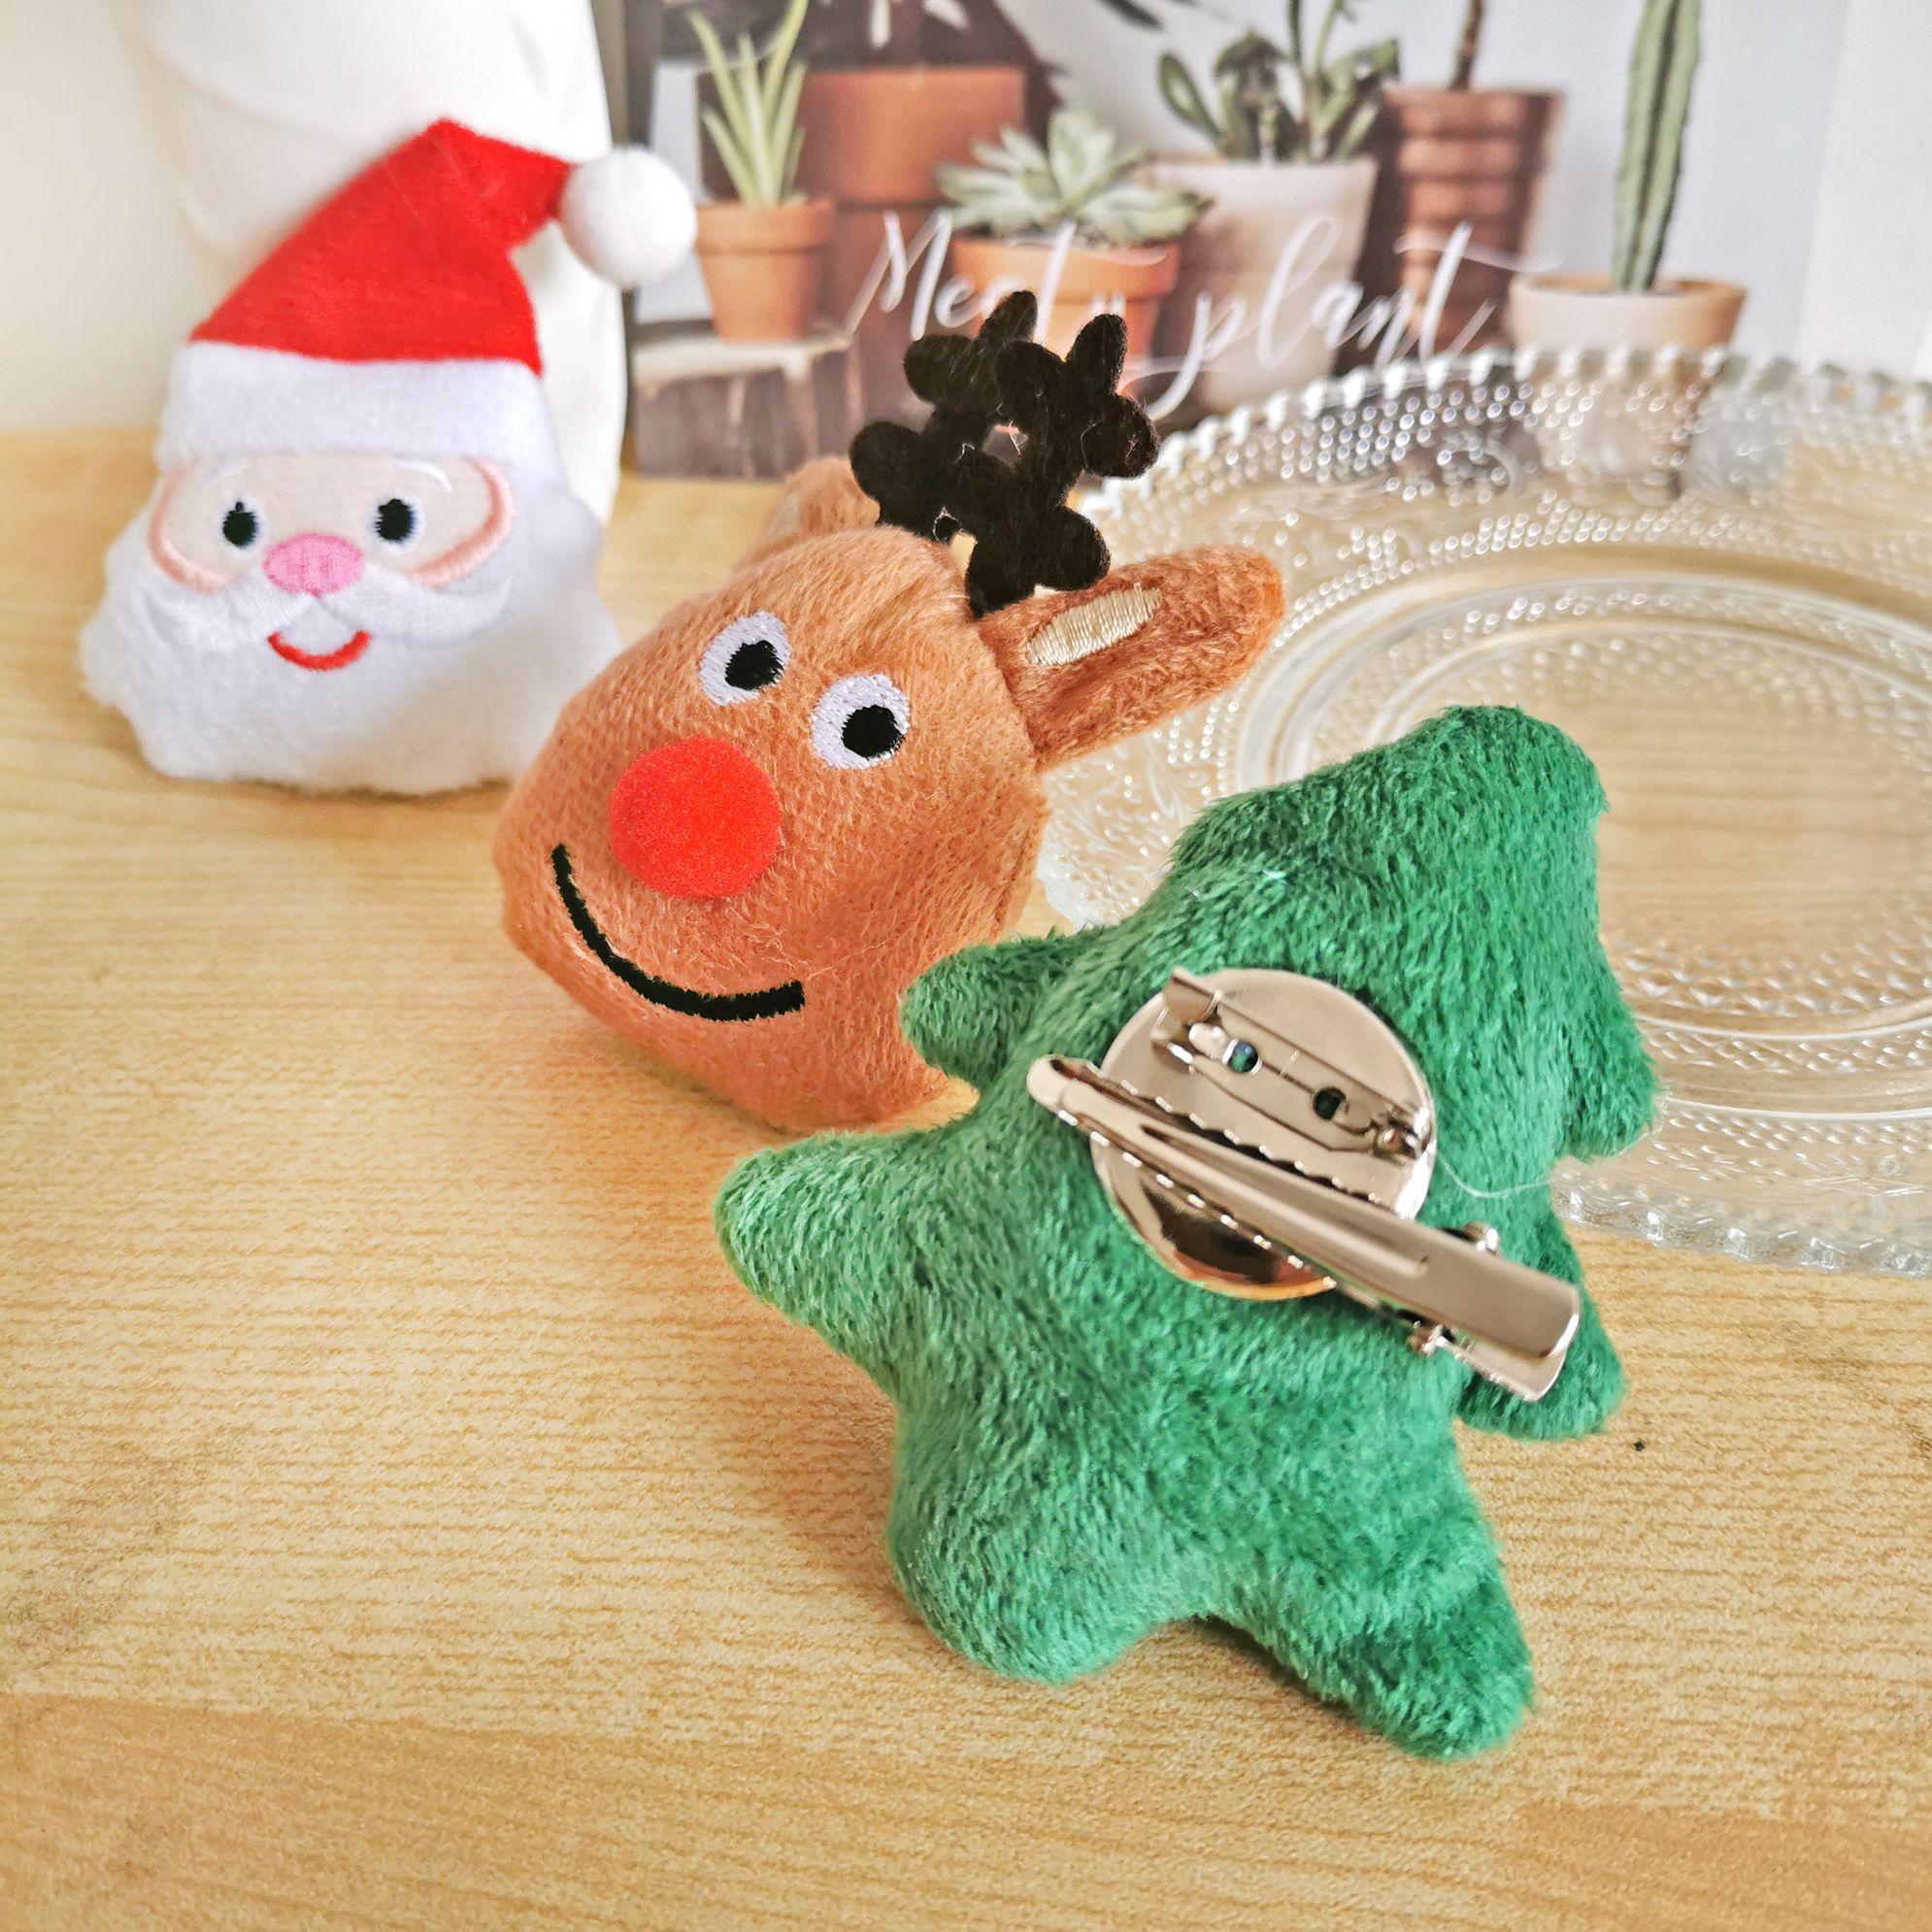 圣诞新款胸针夹子两用防走光胸饰头饰儿童表演道具节日礼物